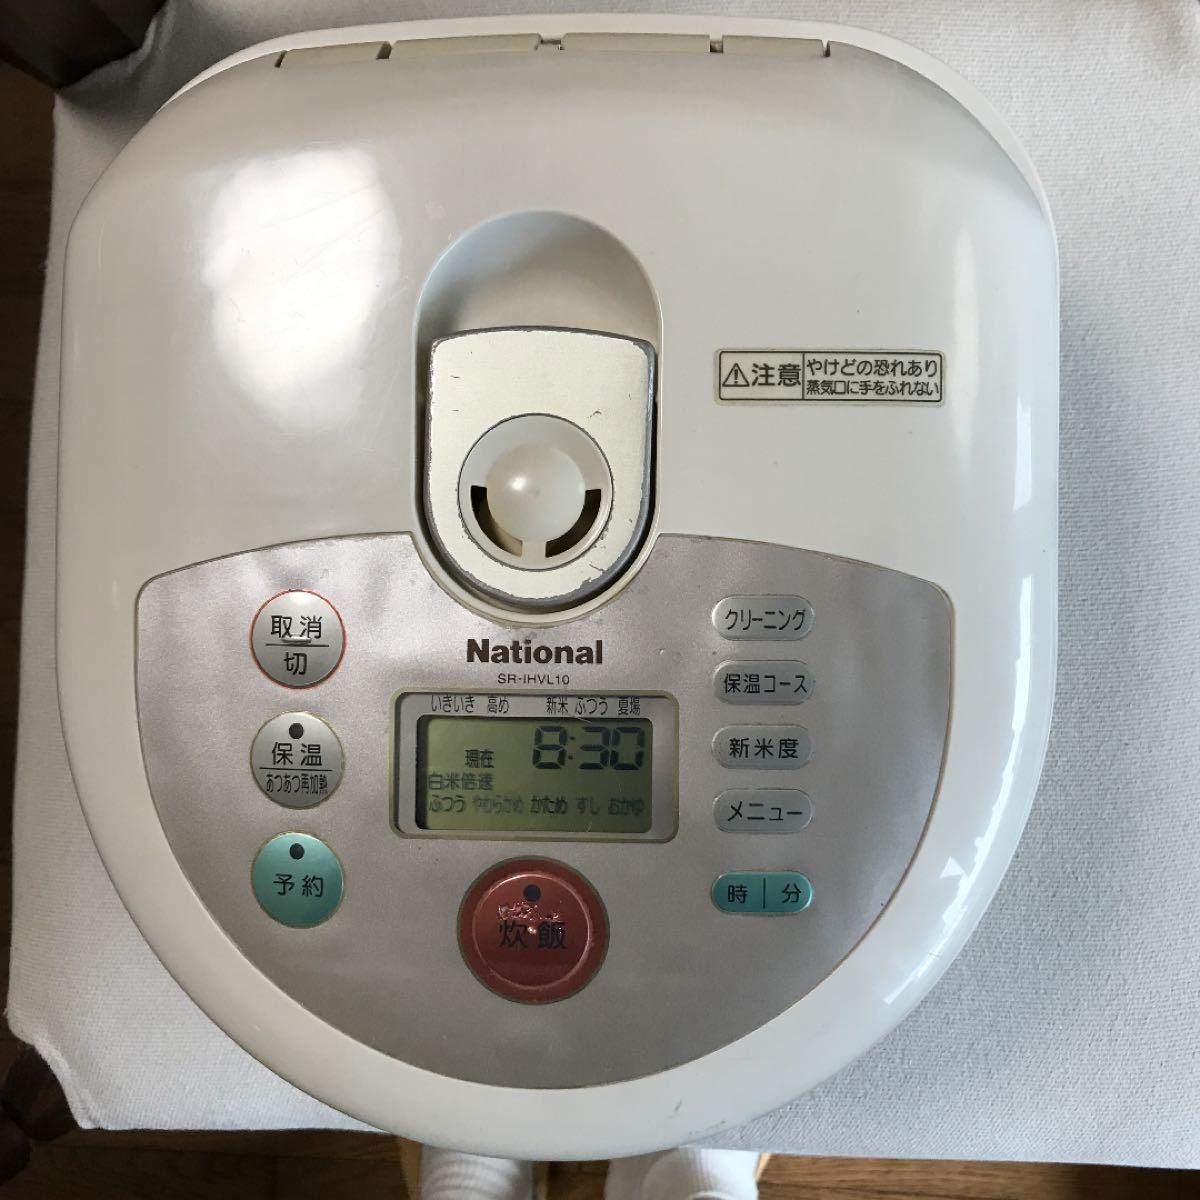 national/Panasonic 炊飯器SRーIHVL 10 IH 5.5合